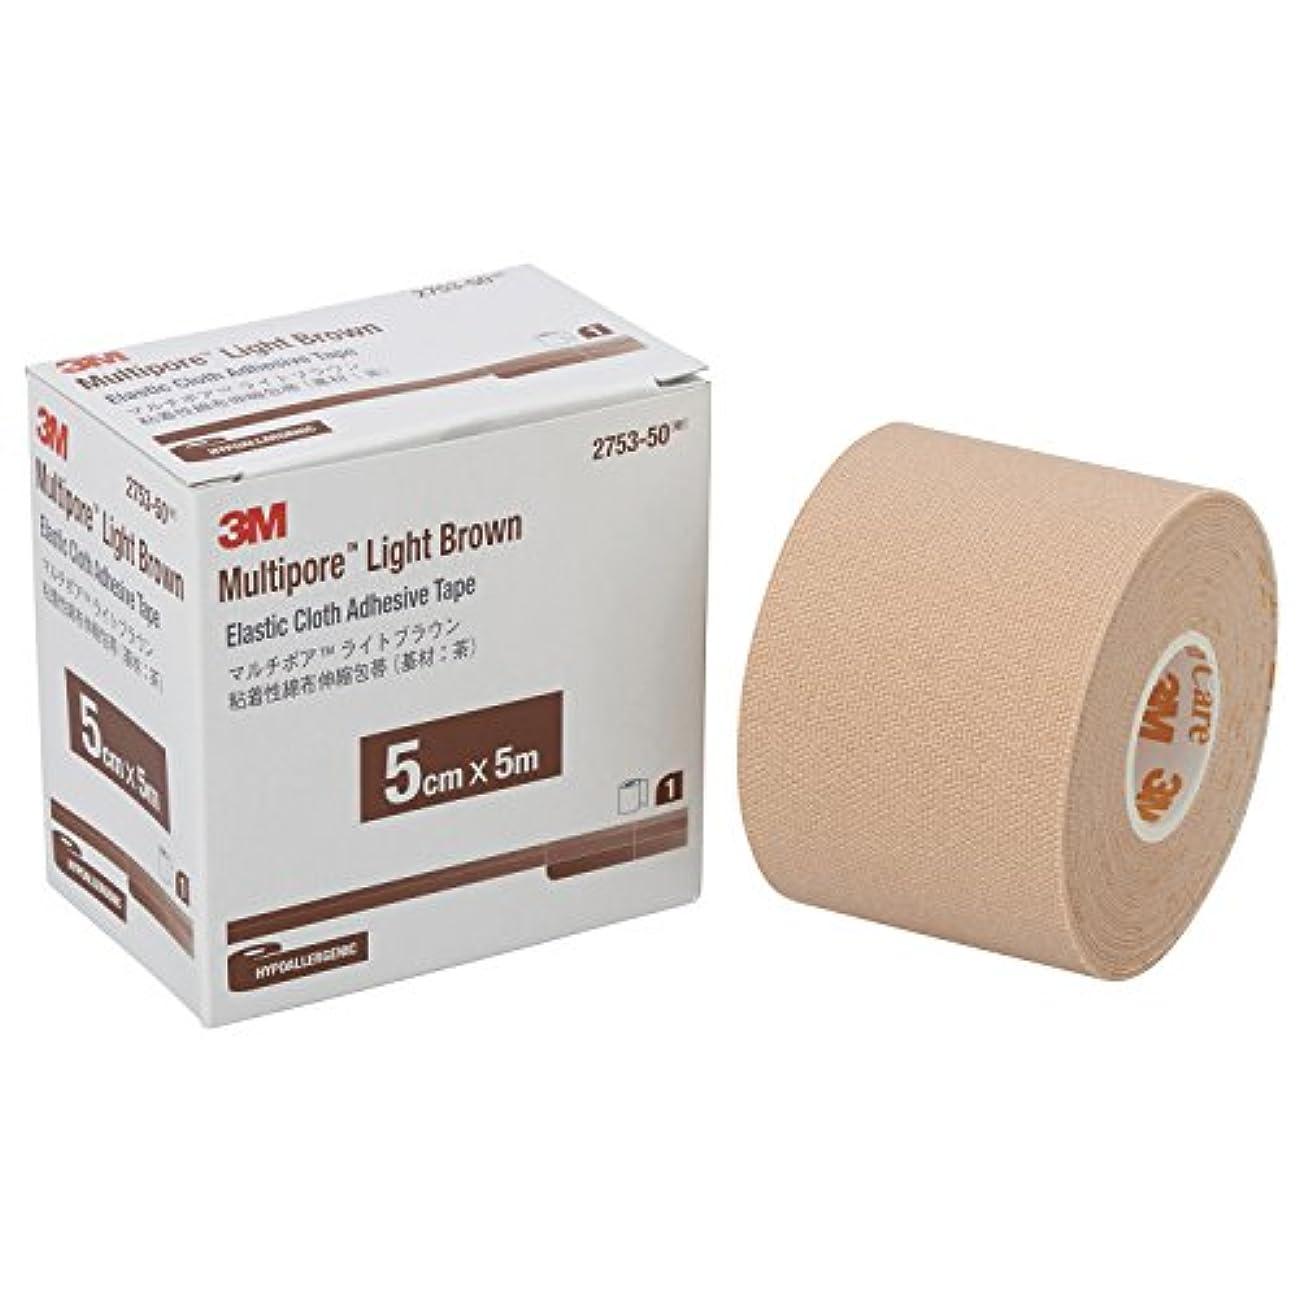 場所疲労発掘3M 包帯 粘着性綿布伸縮 ライトブラウン 5cm幅x5m 1巻 マルチポア 2753-50